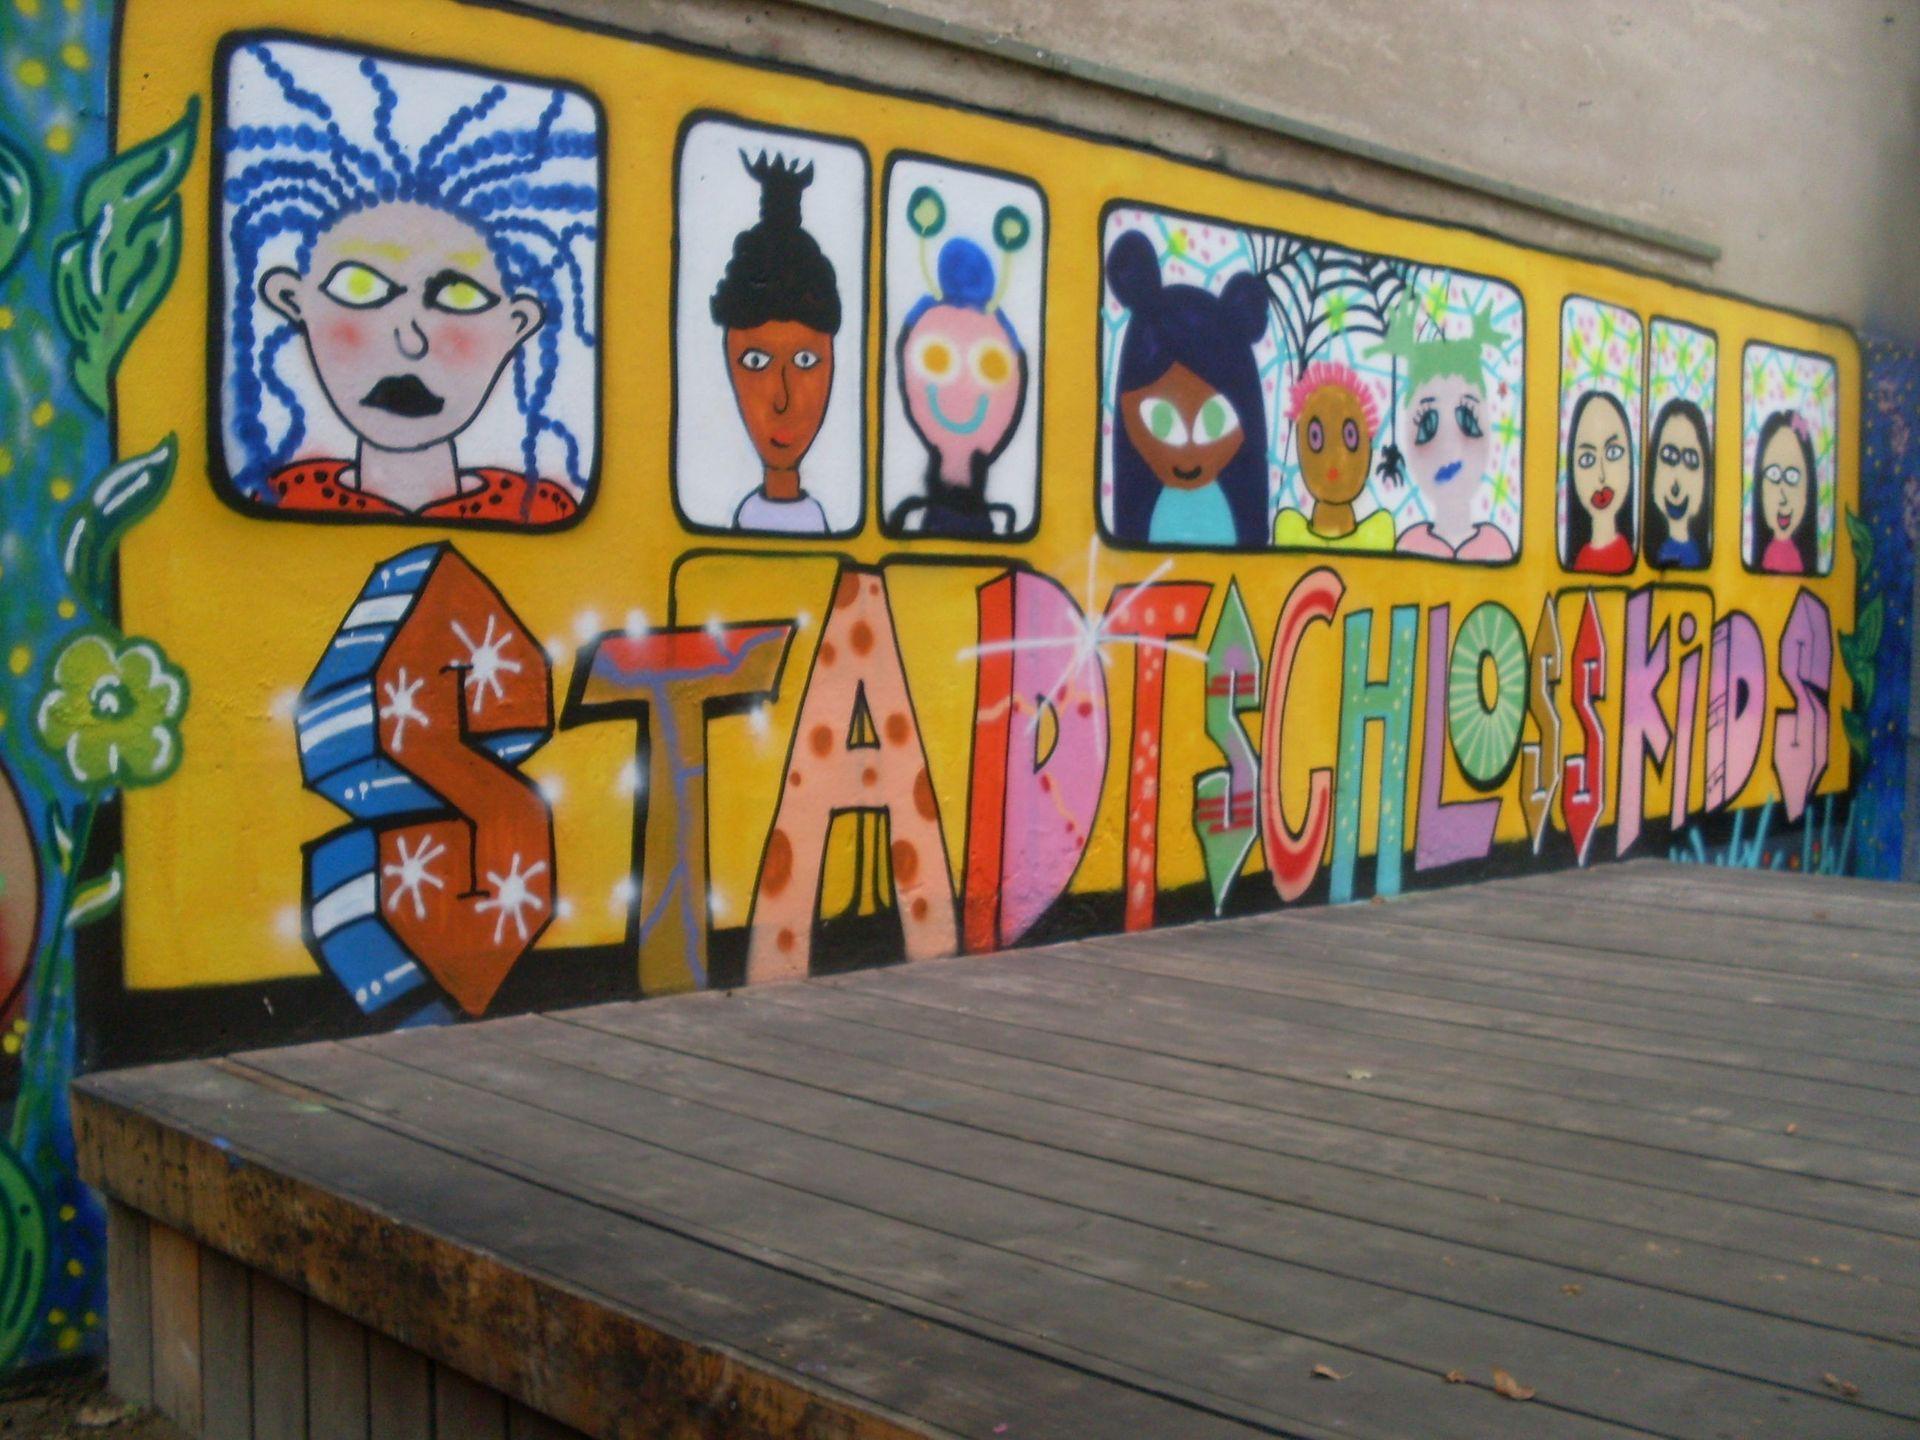 Impressum | Stadtschloss Kids